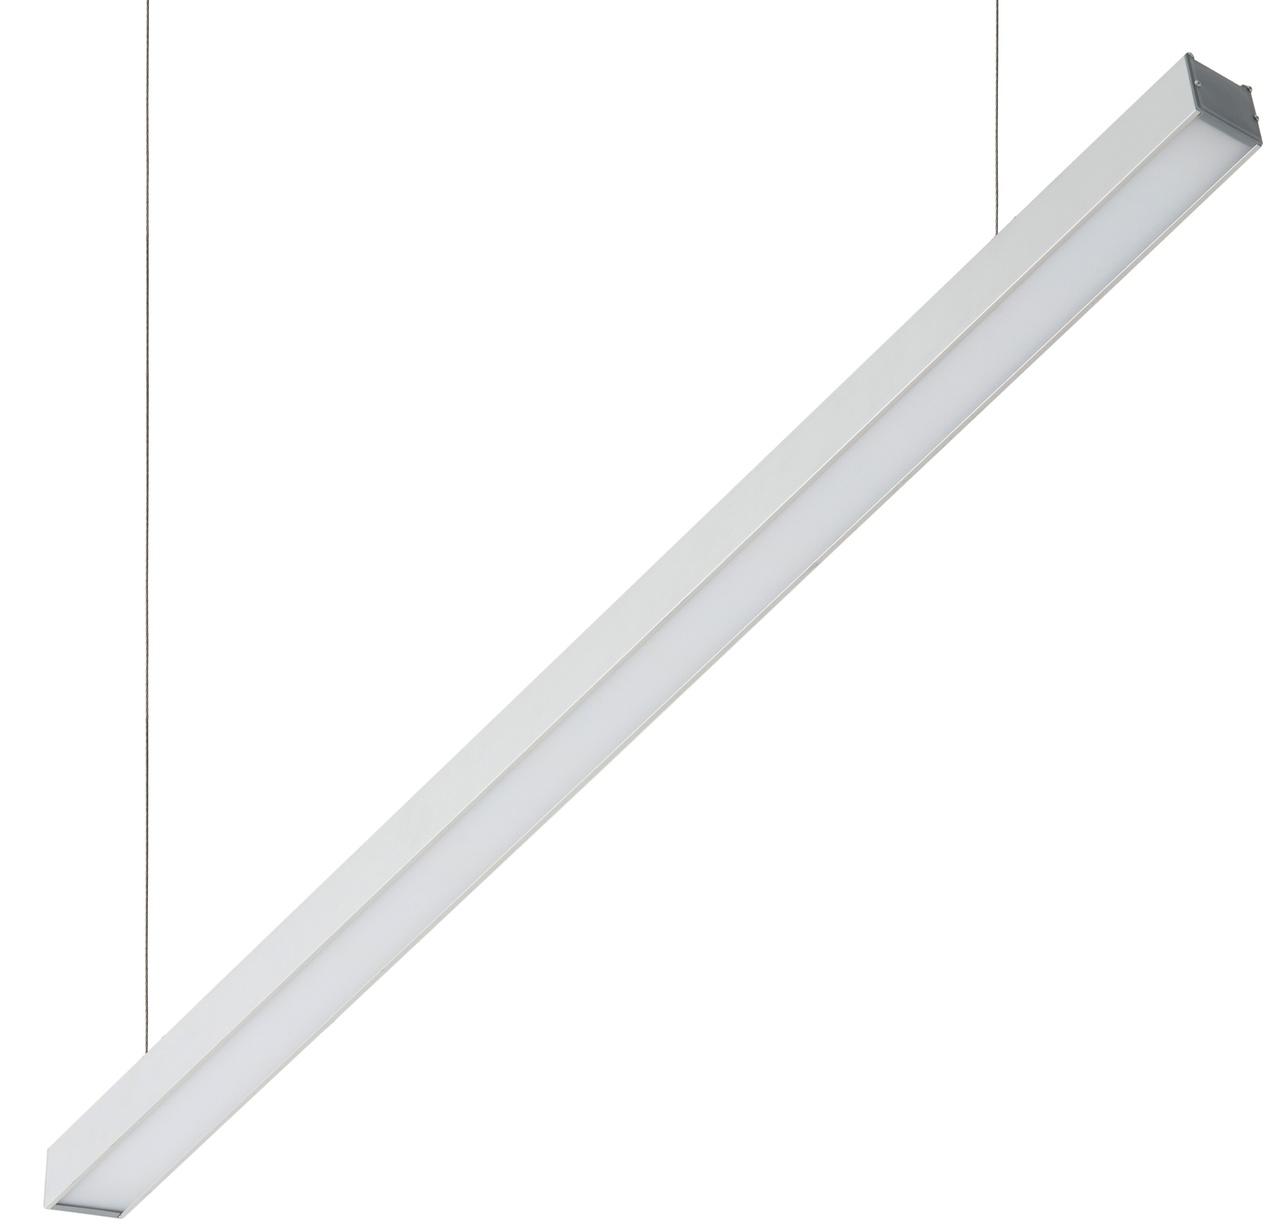 Светильник LED Laura Opal 76Вт 4000К 6800Лм 2420x50x50мм